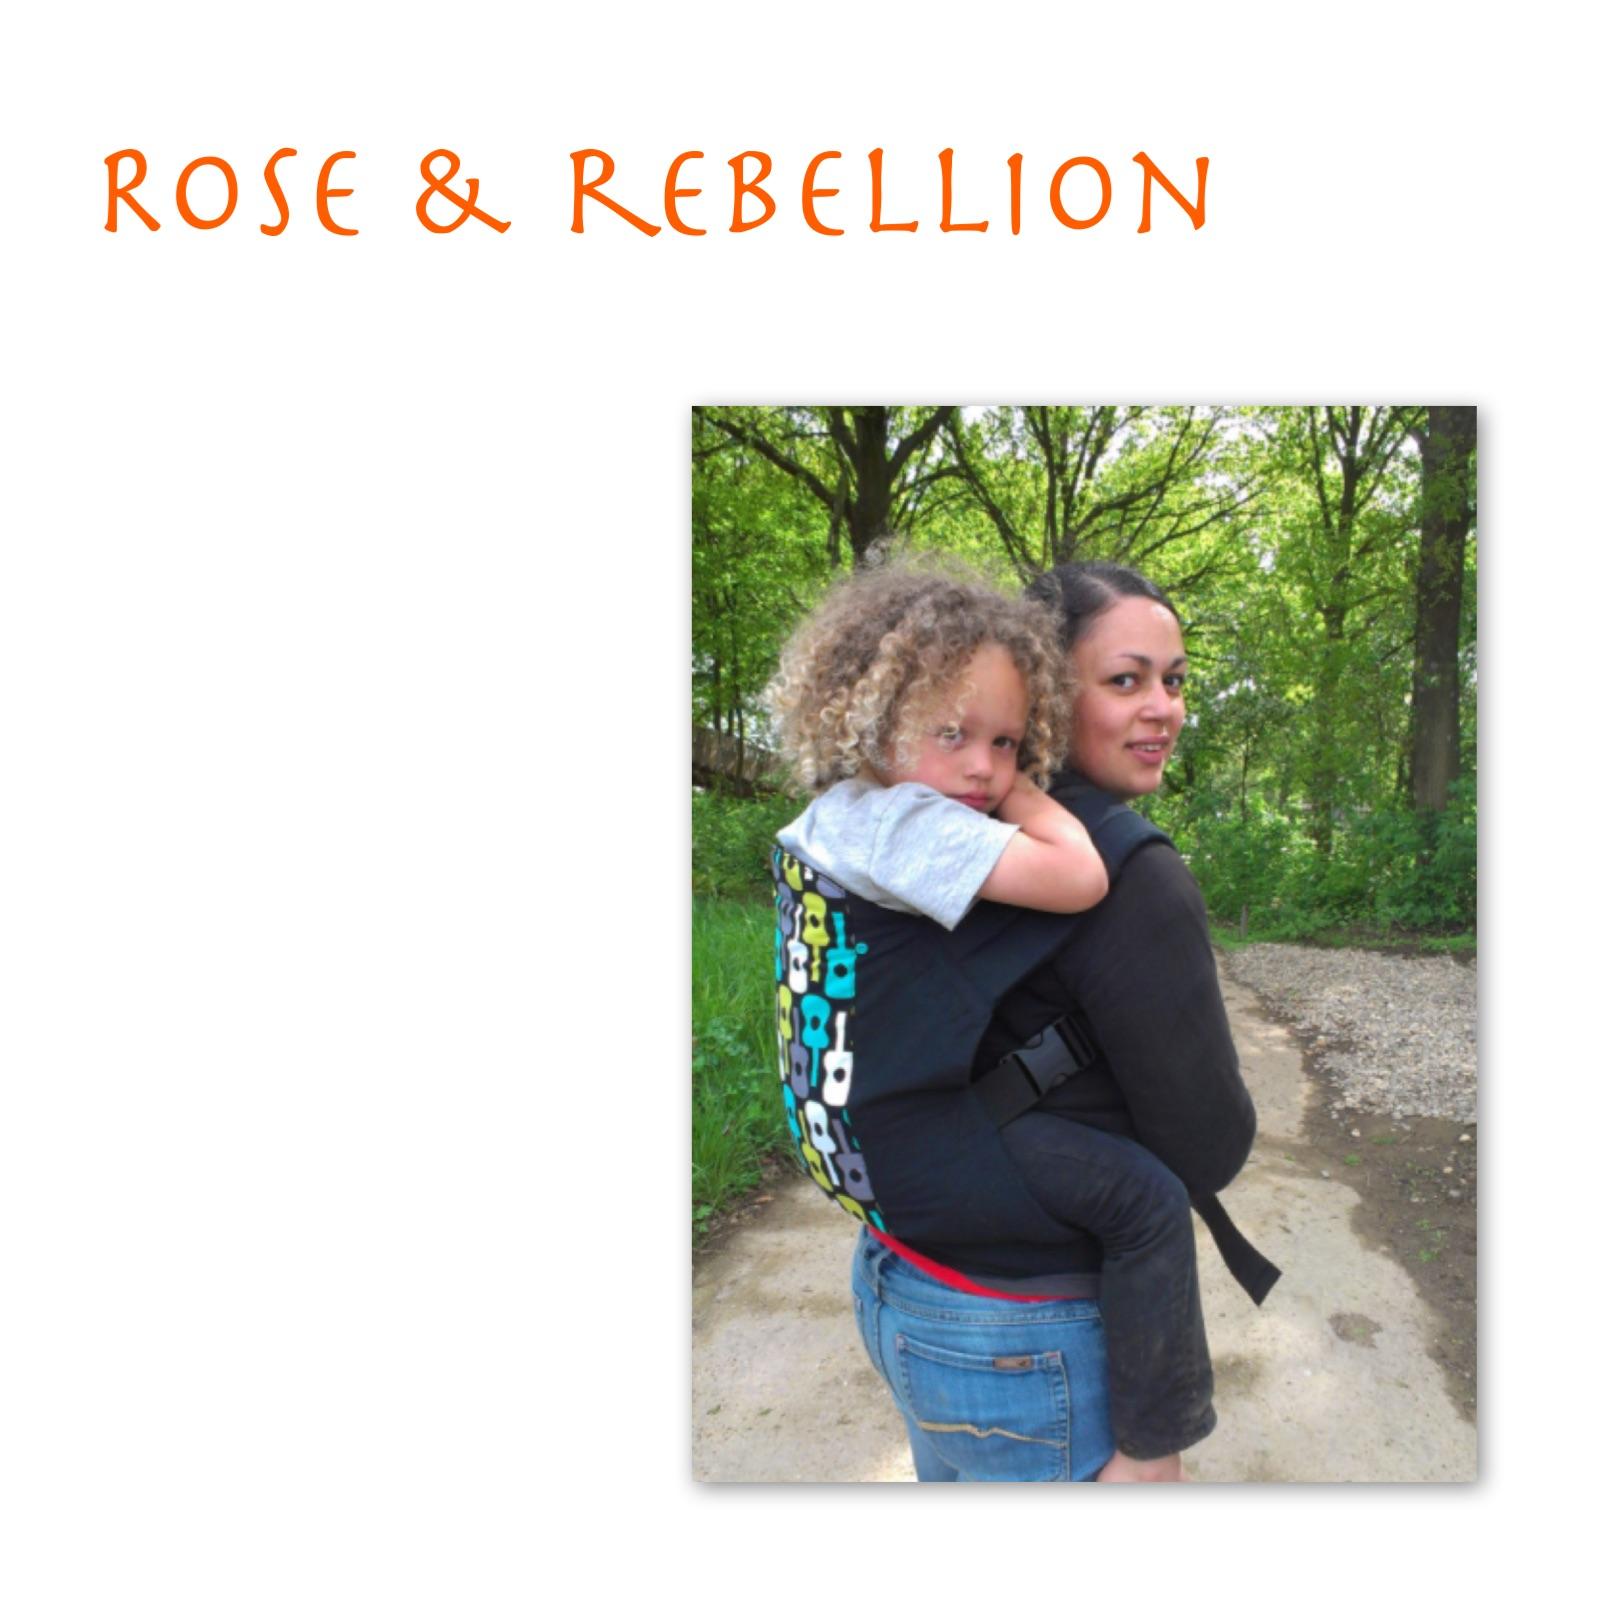 Rose & Rebellion